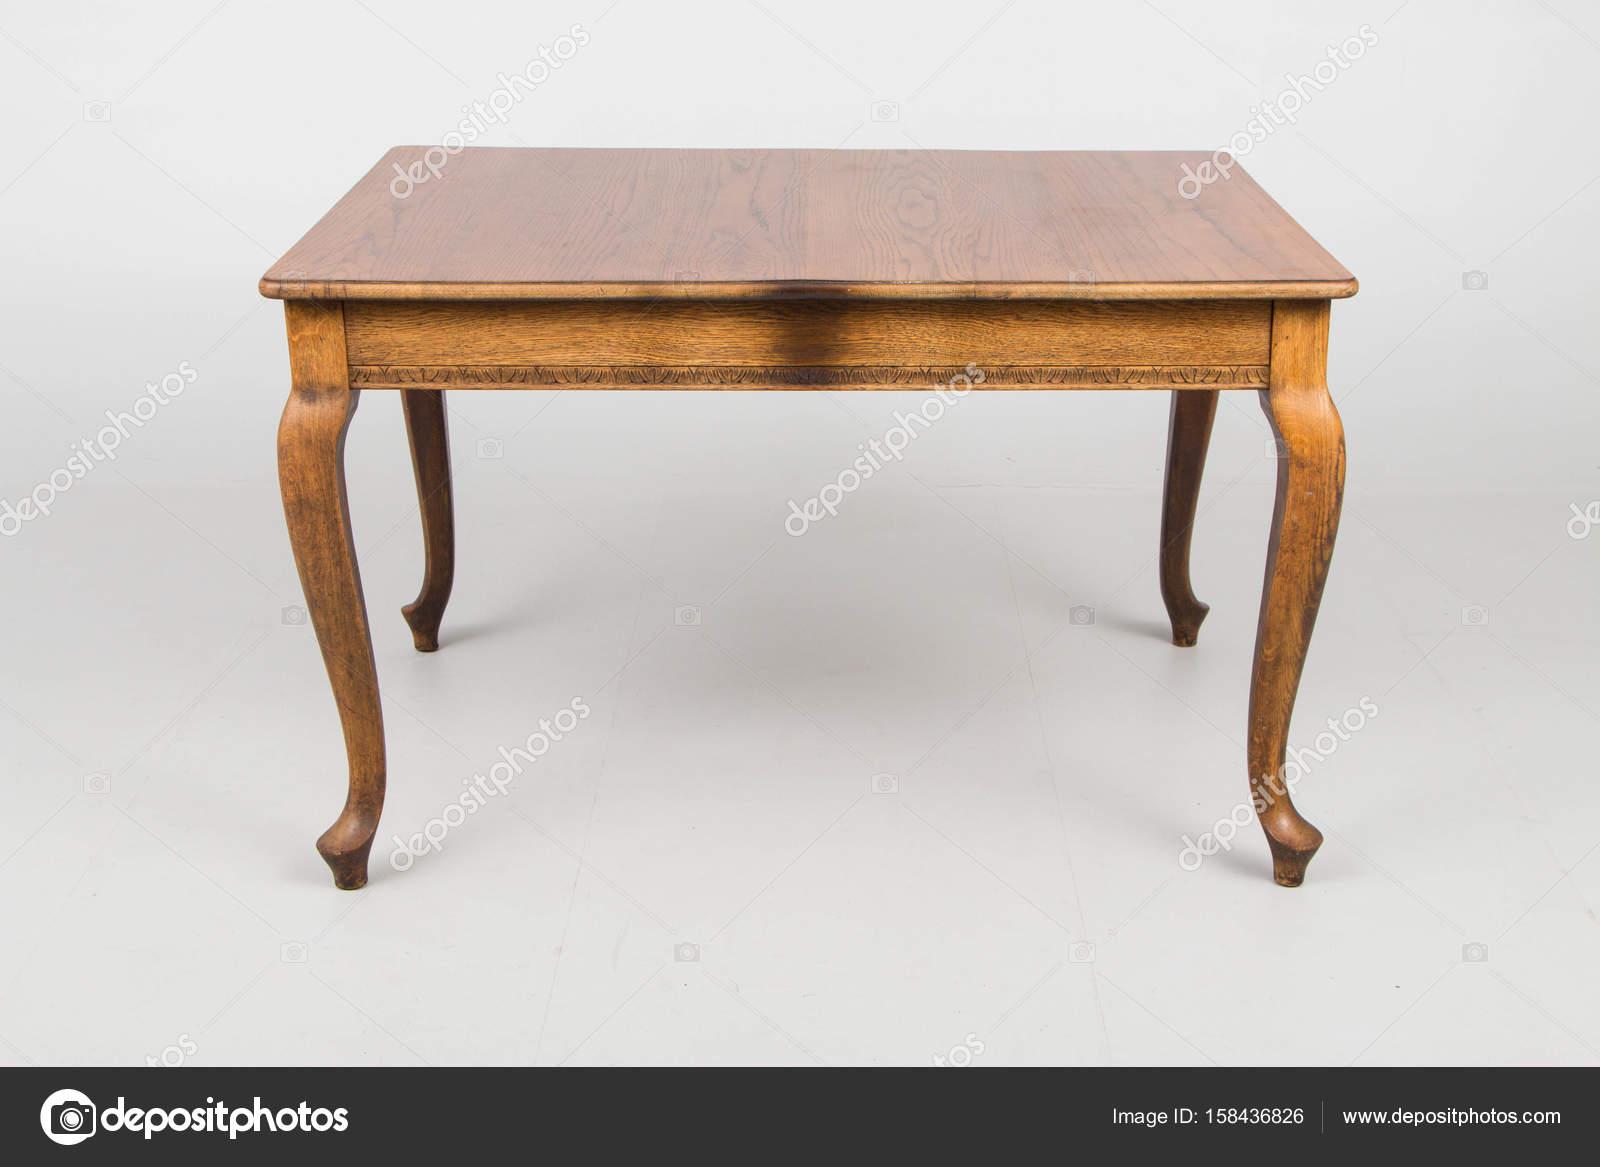 legno antico di scrivanie tavoli — Foto Stock © jbgroup #158436826